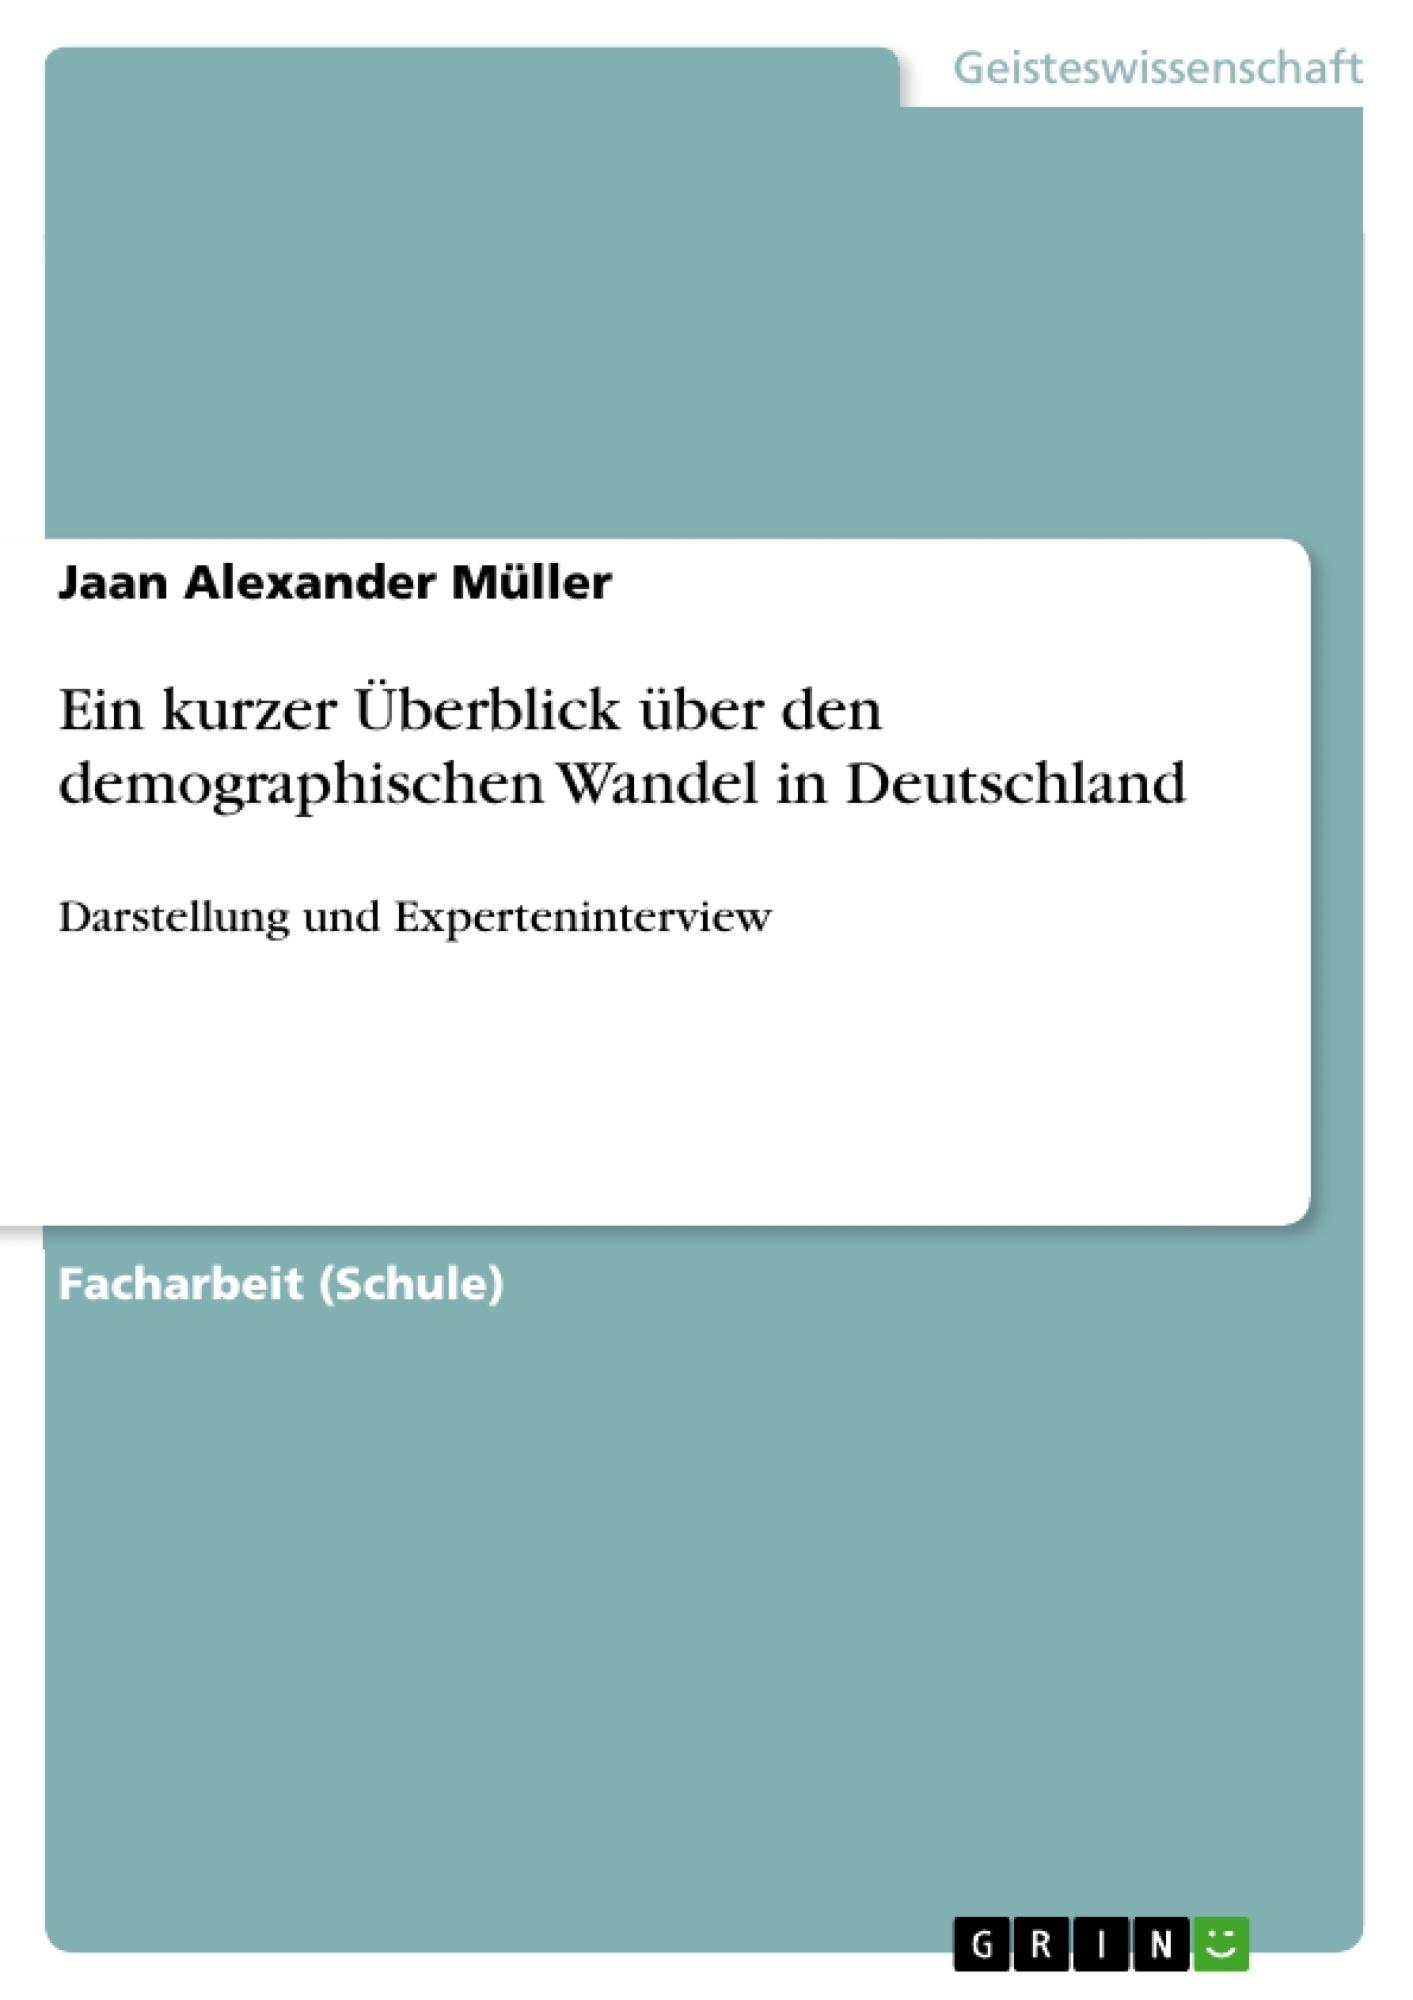 Titel: Ein kurzer Überblick über den demographischen Wandel in Deutschland